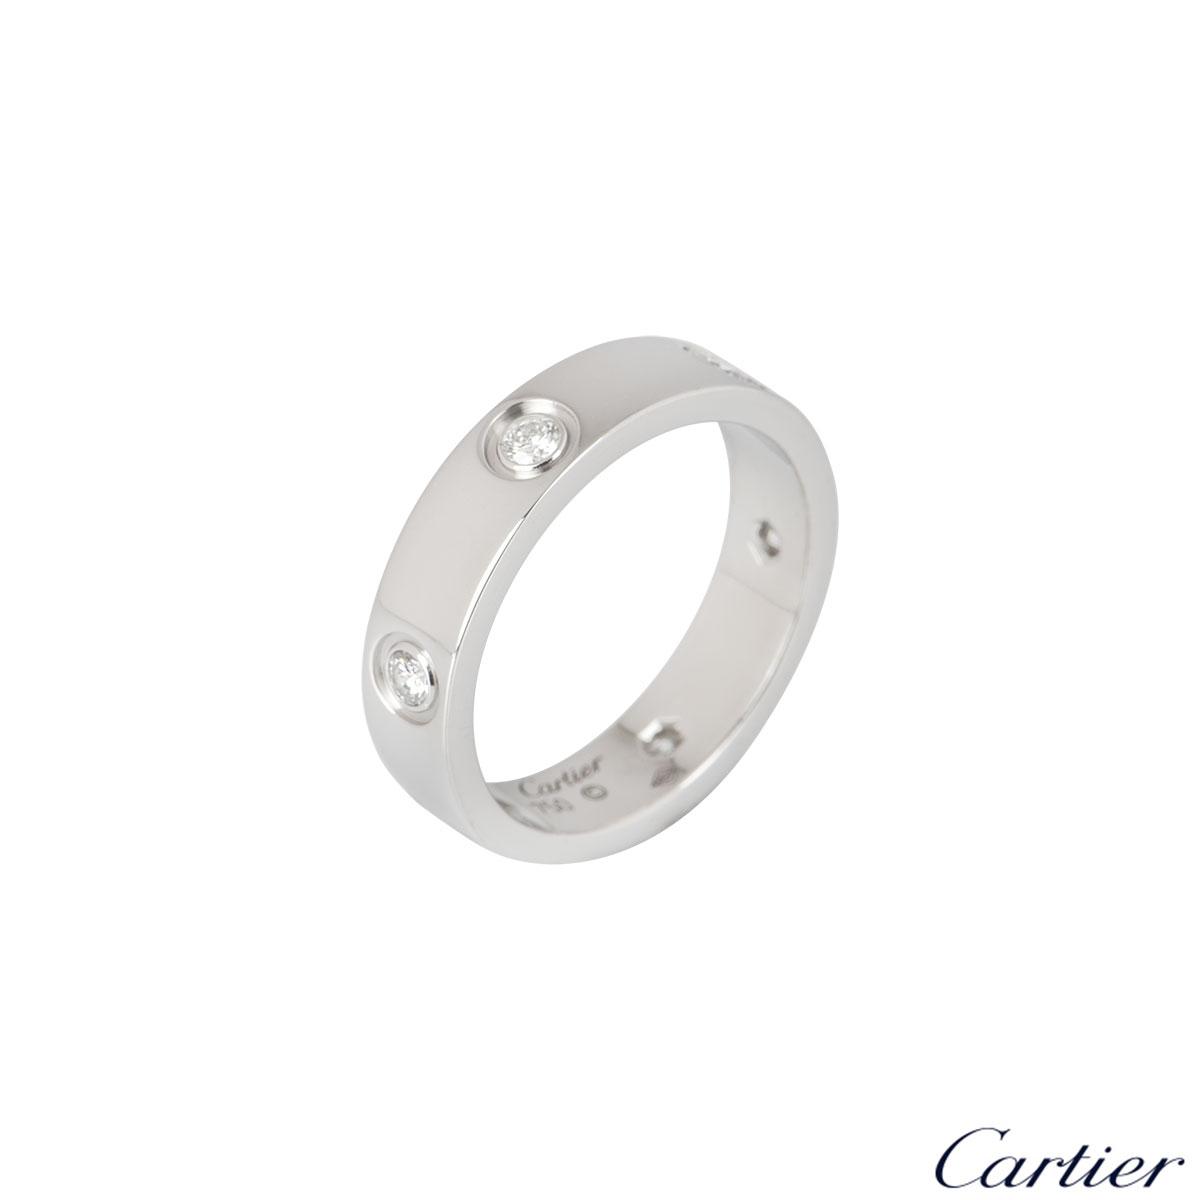 Cartier White Gold Full Diamond Love Ring Size 62 B4026062